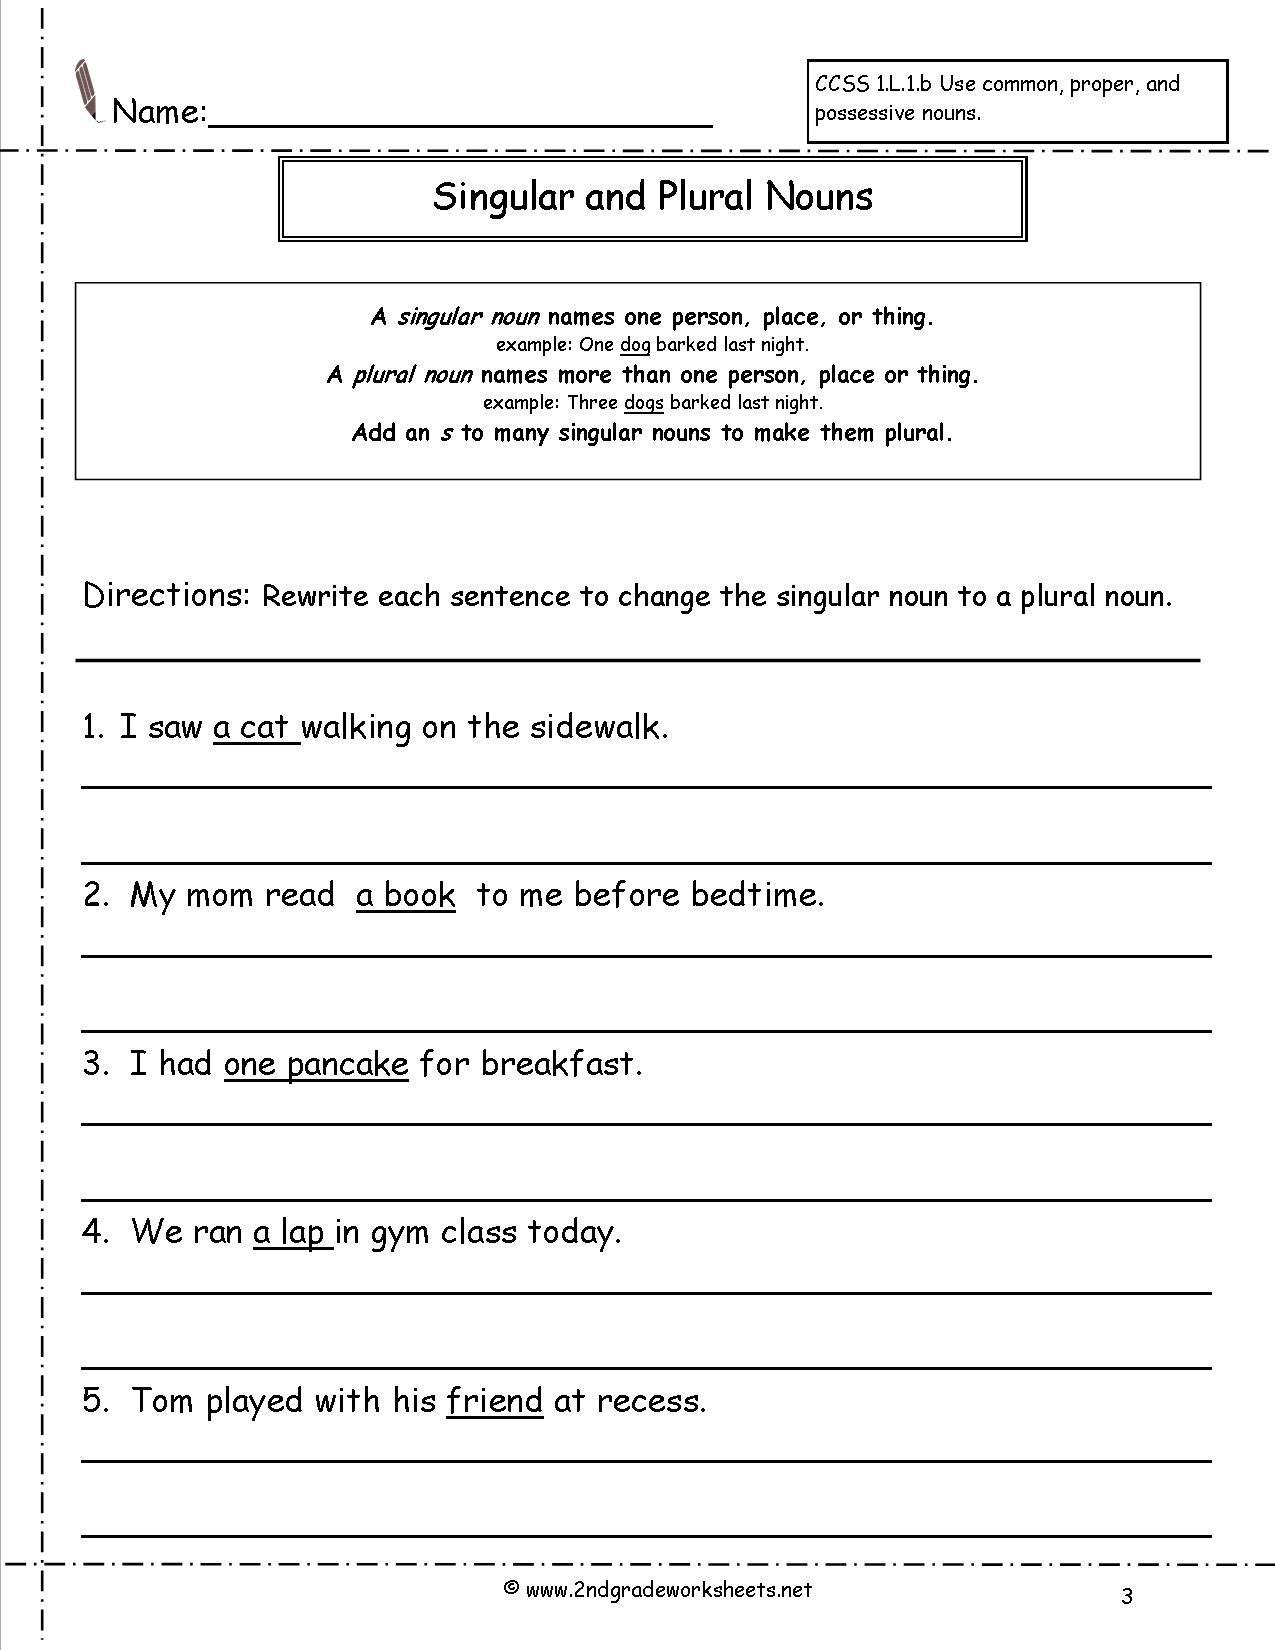 worksheet Plural Nouns Worksheet singular and plural nouns worksheet class ideas pinterest worksheet